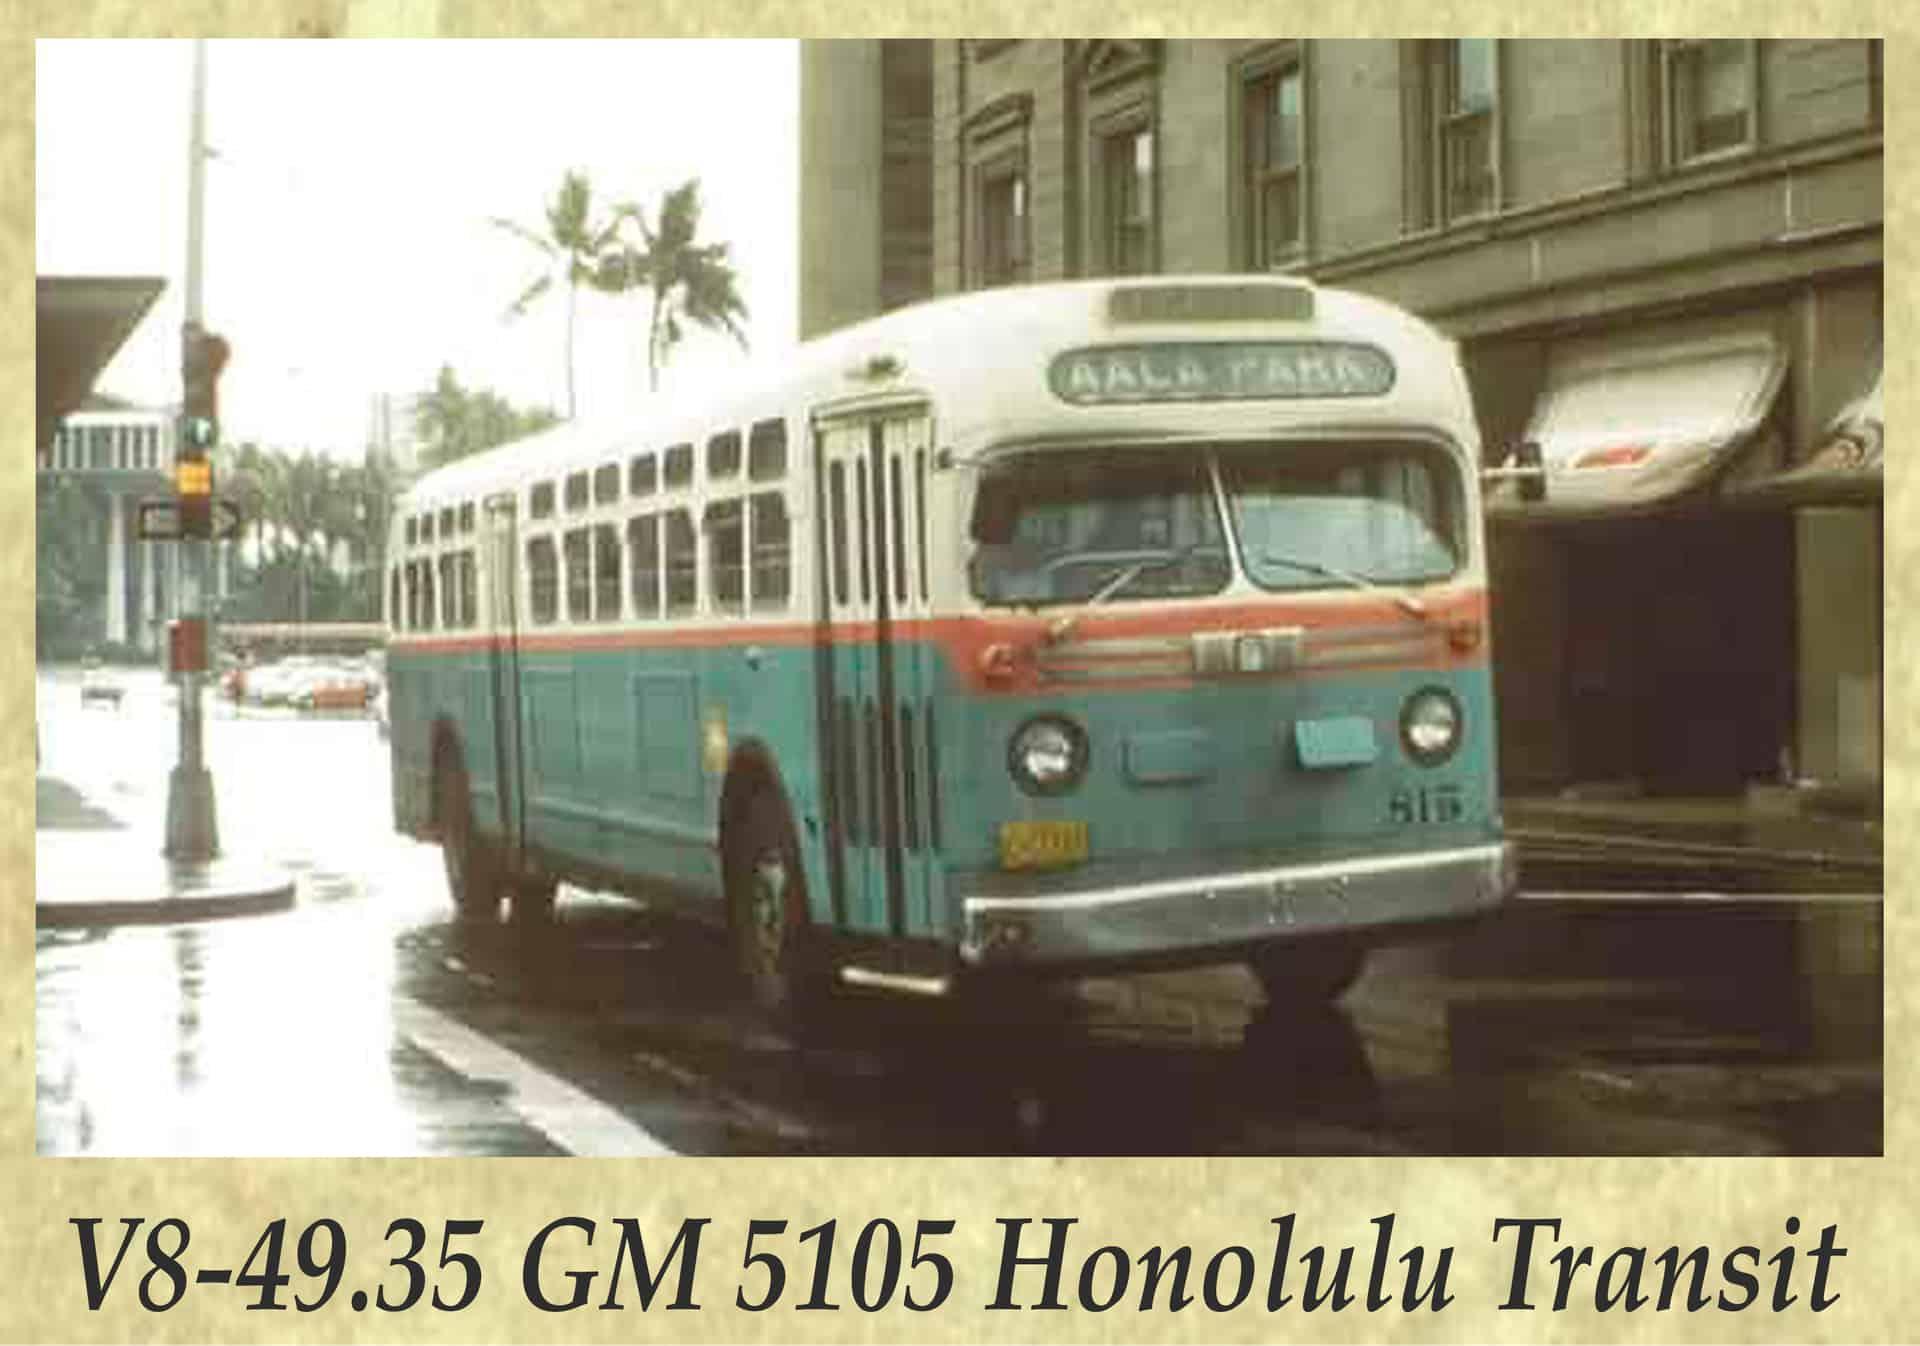 V8-49.35 GM 5105 Honolulu Transit